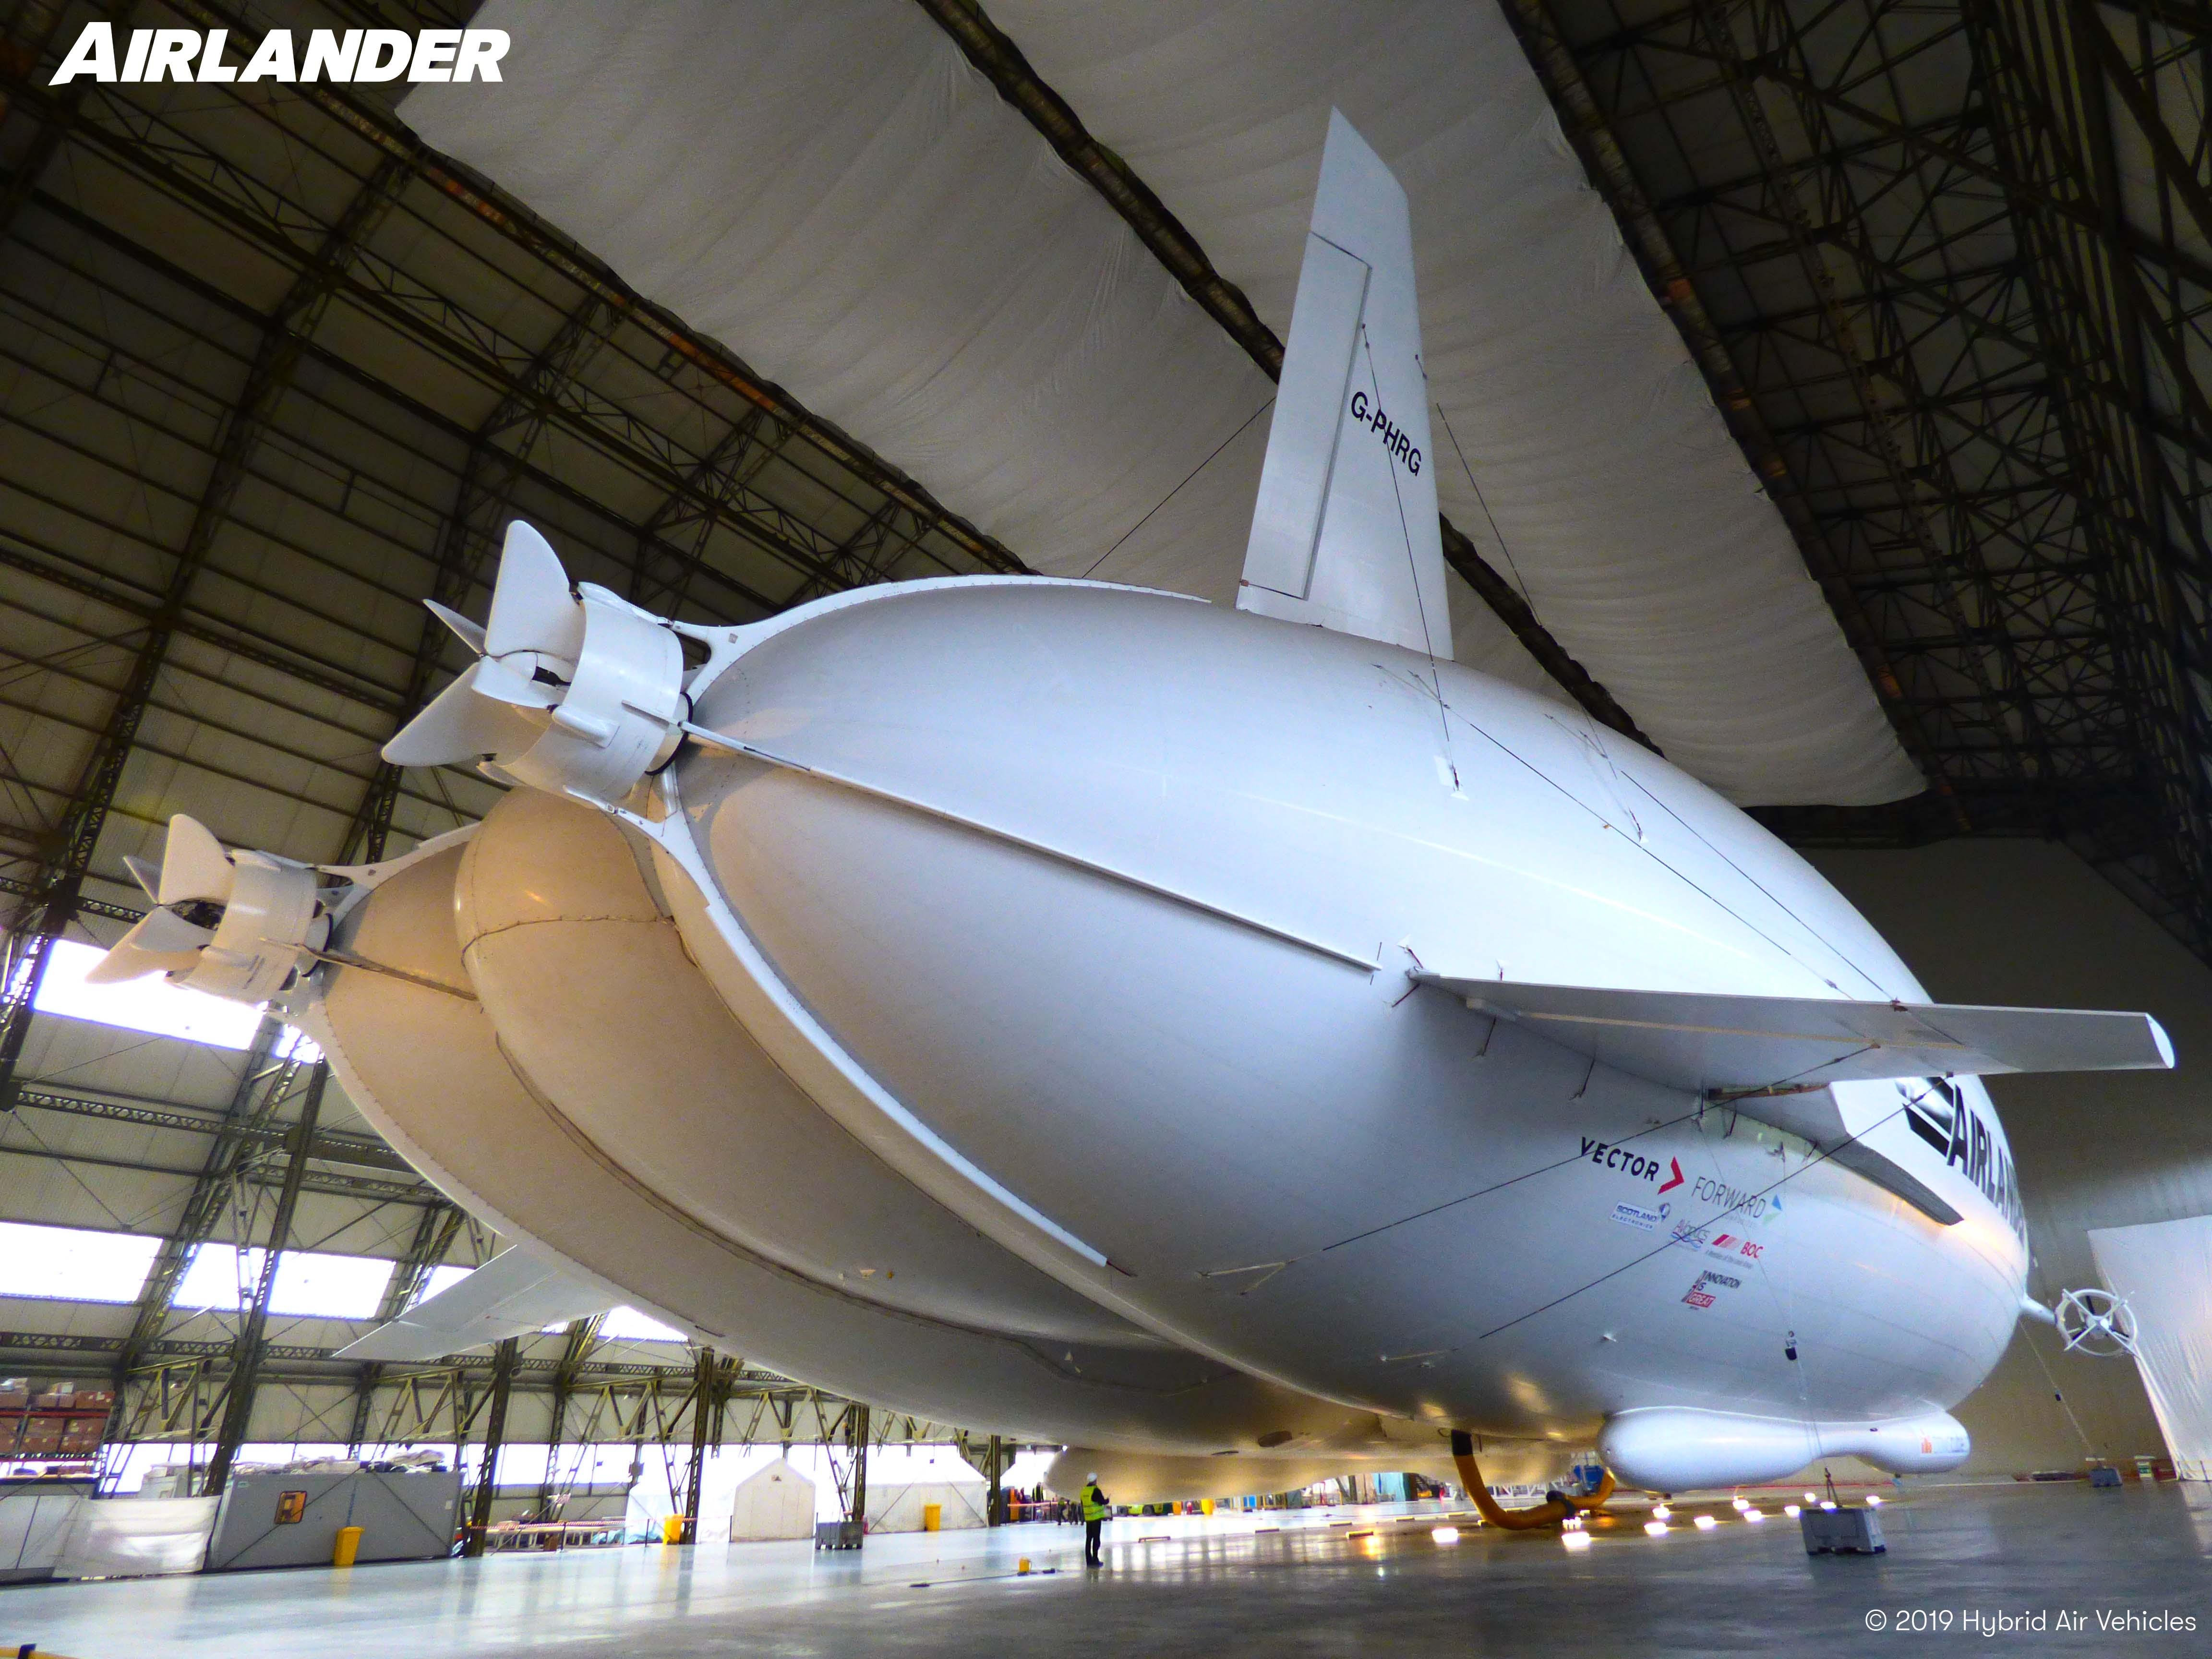 Brittiläisen Airlanderin prototyyppi hyödyntää ilmalaivojen, kiinteäsiipisten ilma-alusten ja helikoptereiden teknologioita. Sen kehittäjä Hybrid Air Vehicles on sitoutunut nollapäästöiseen lentämiseen.